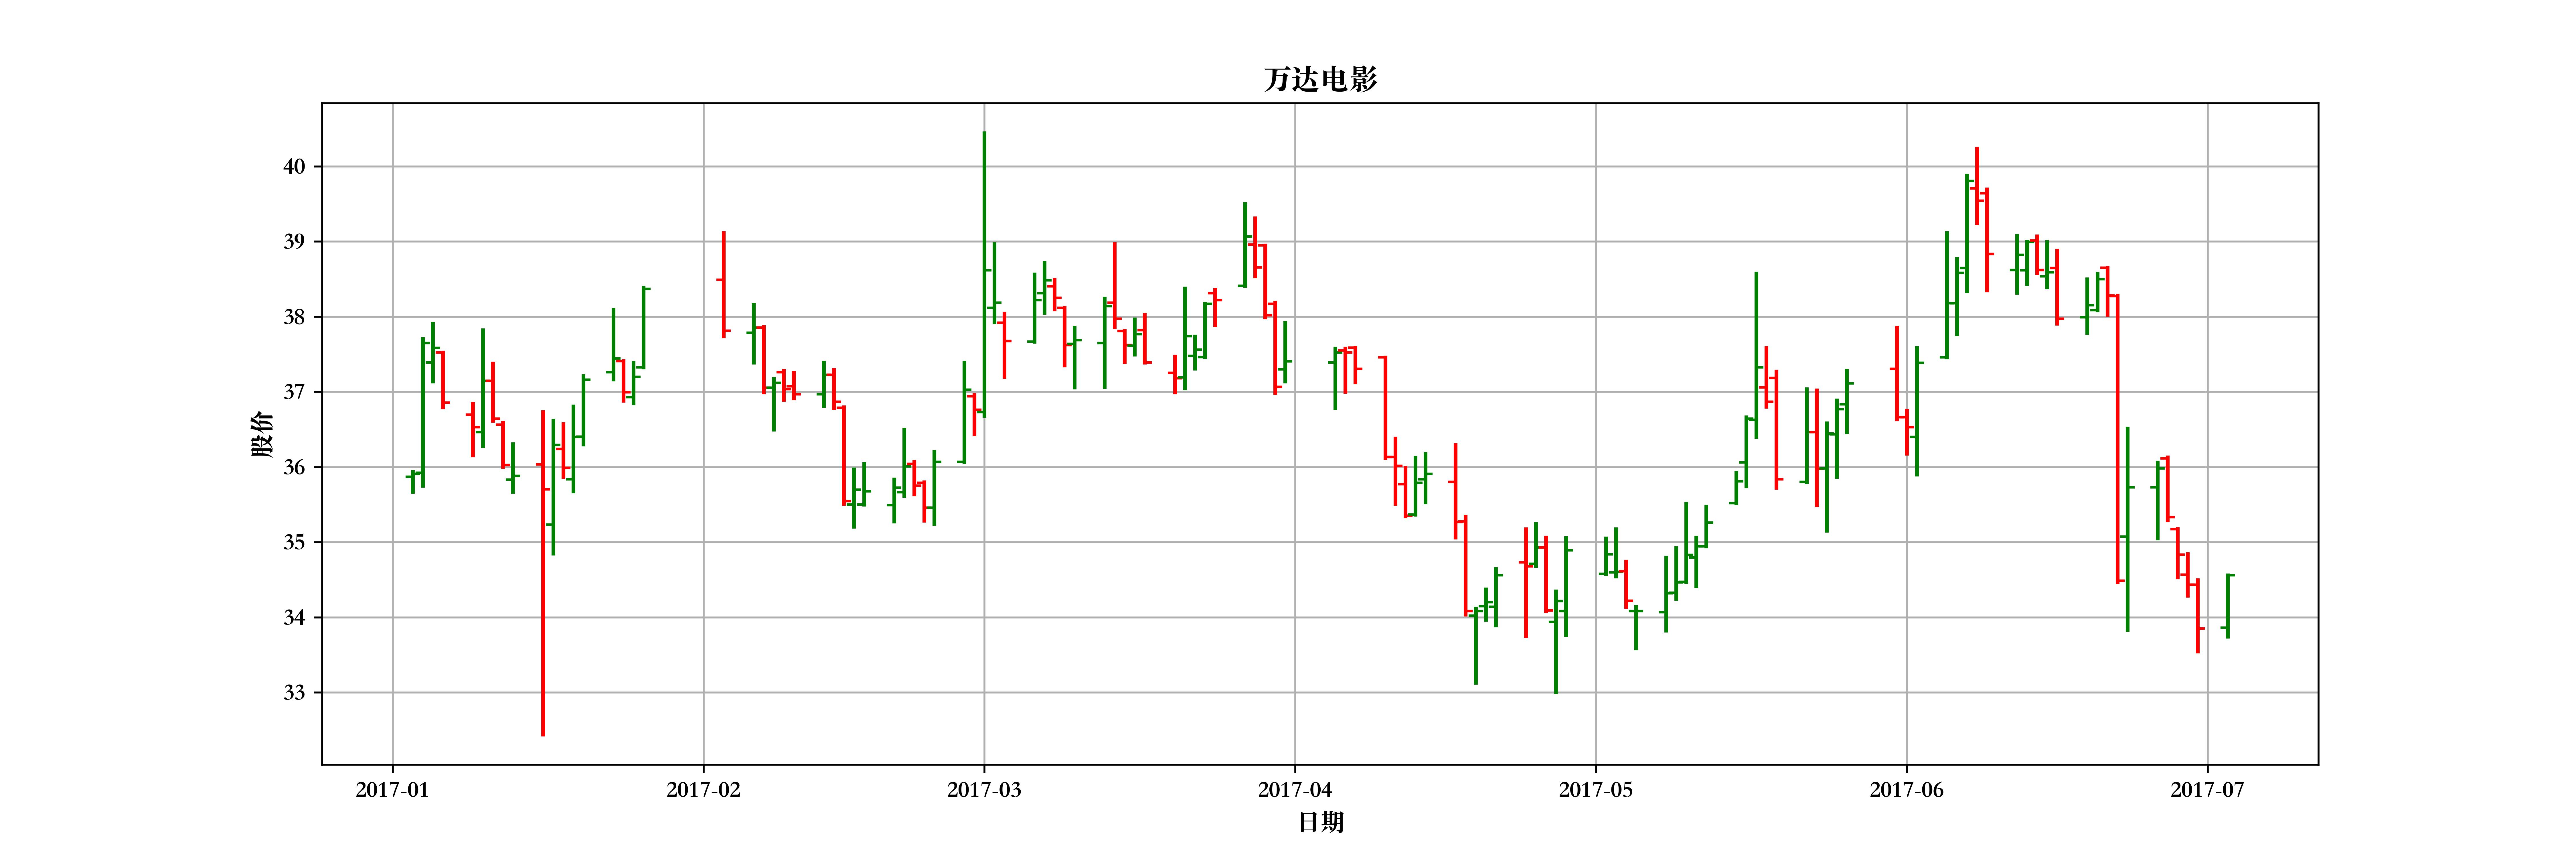 万达电影股价棒状图(绿涨红跌)